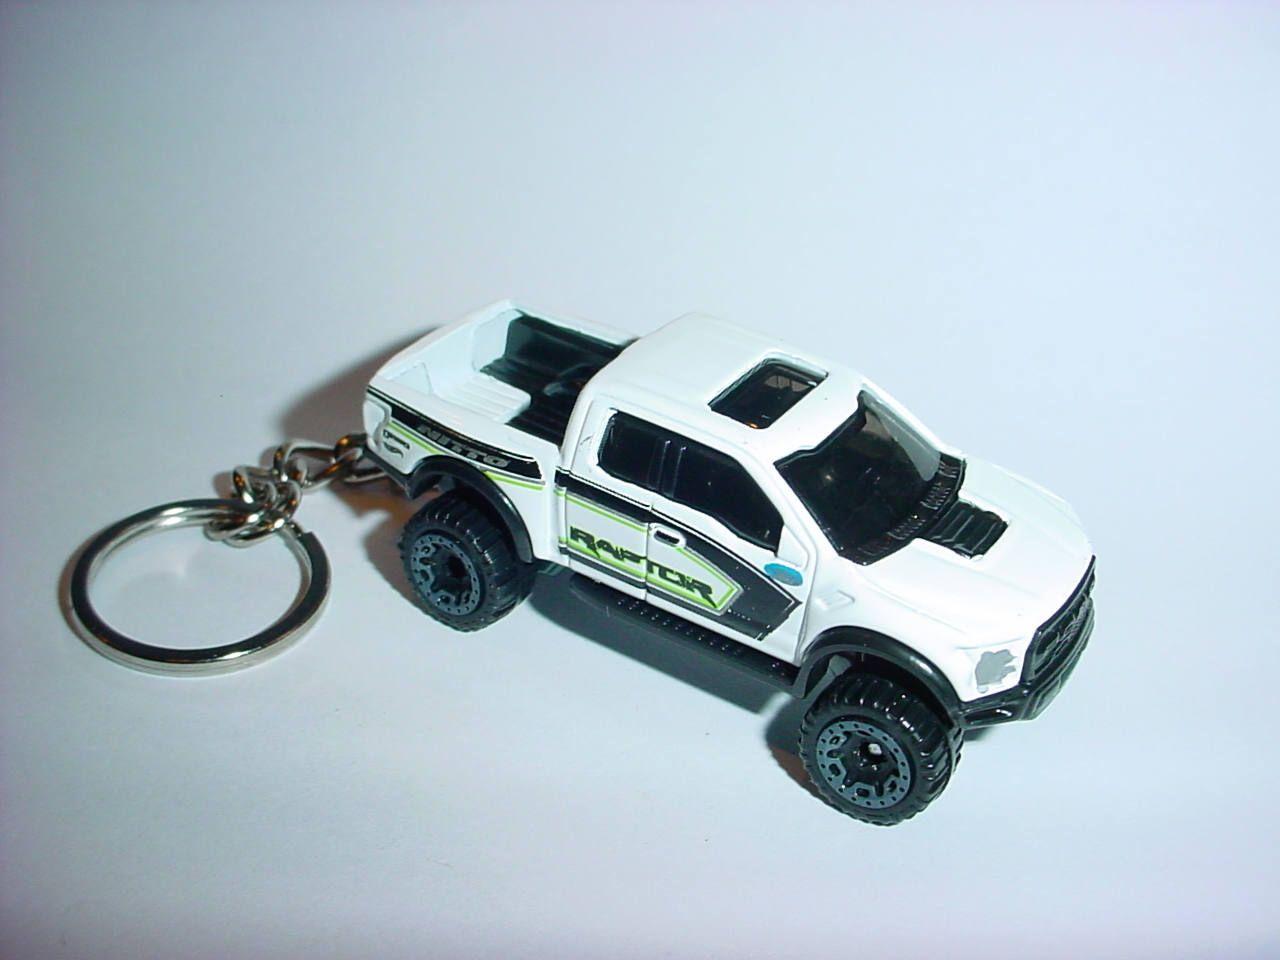 3D 2015 Ford F150 Raptor truck custom keychain by Brian